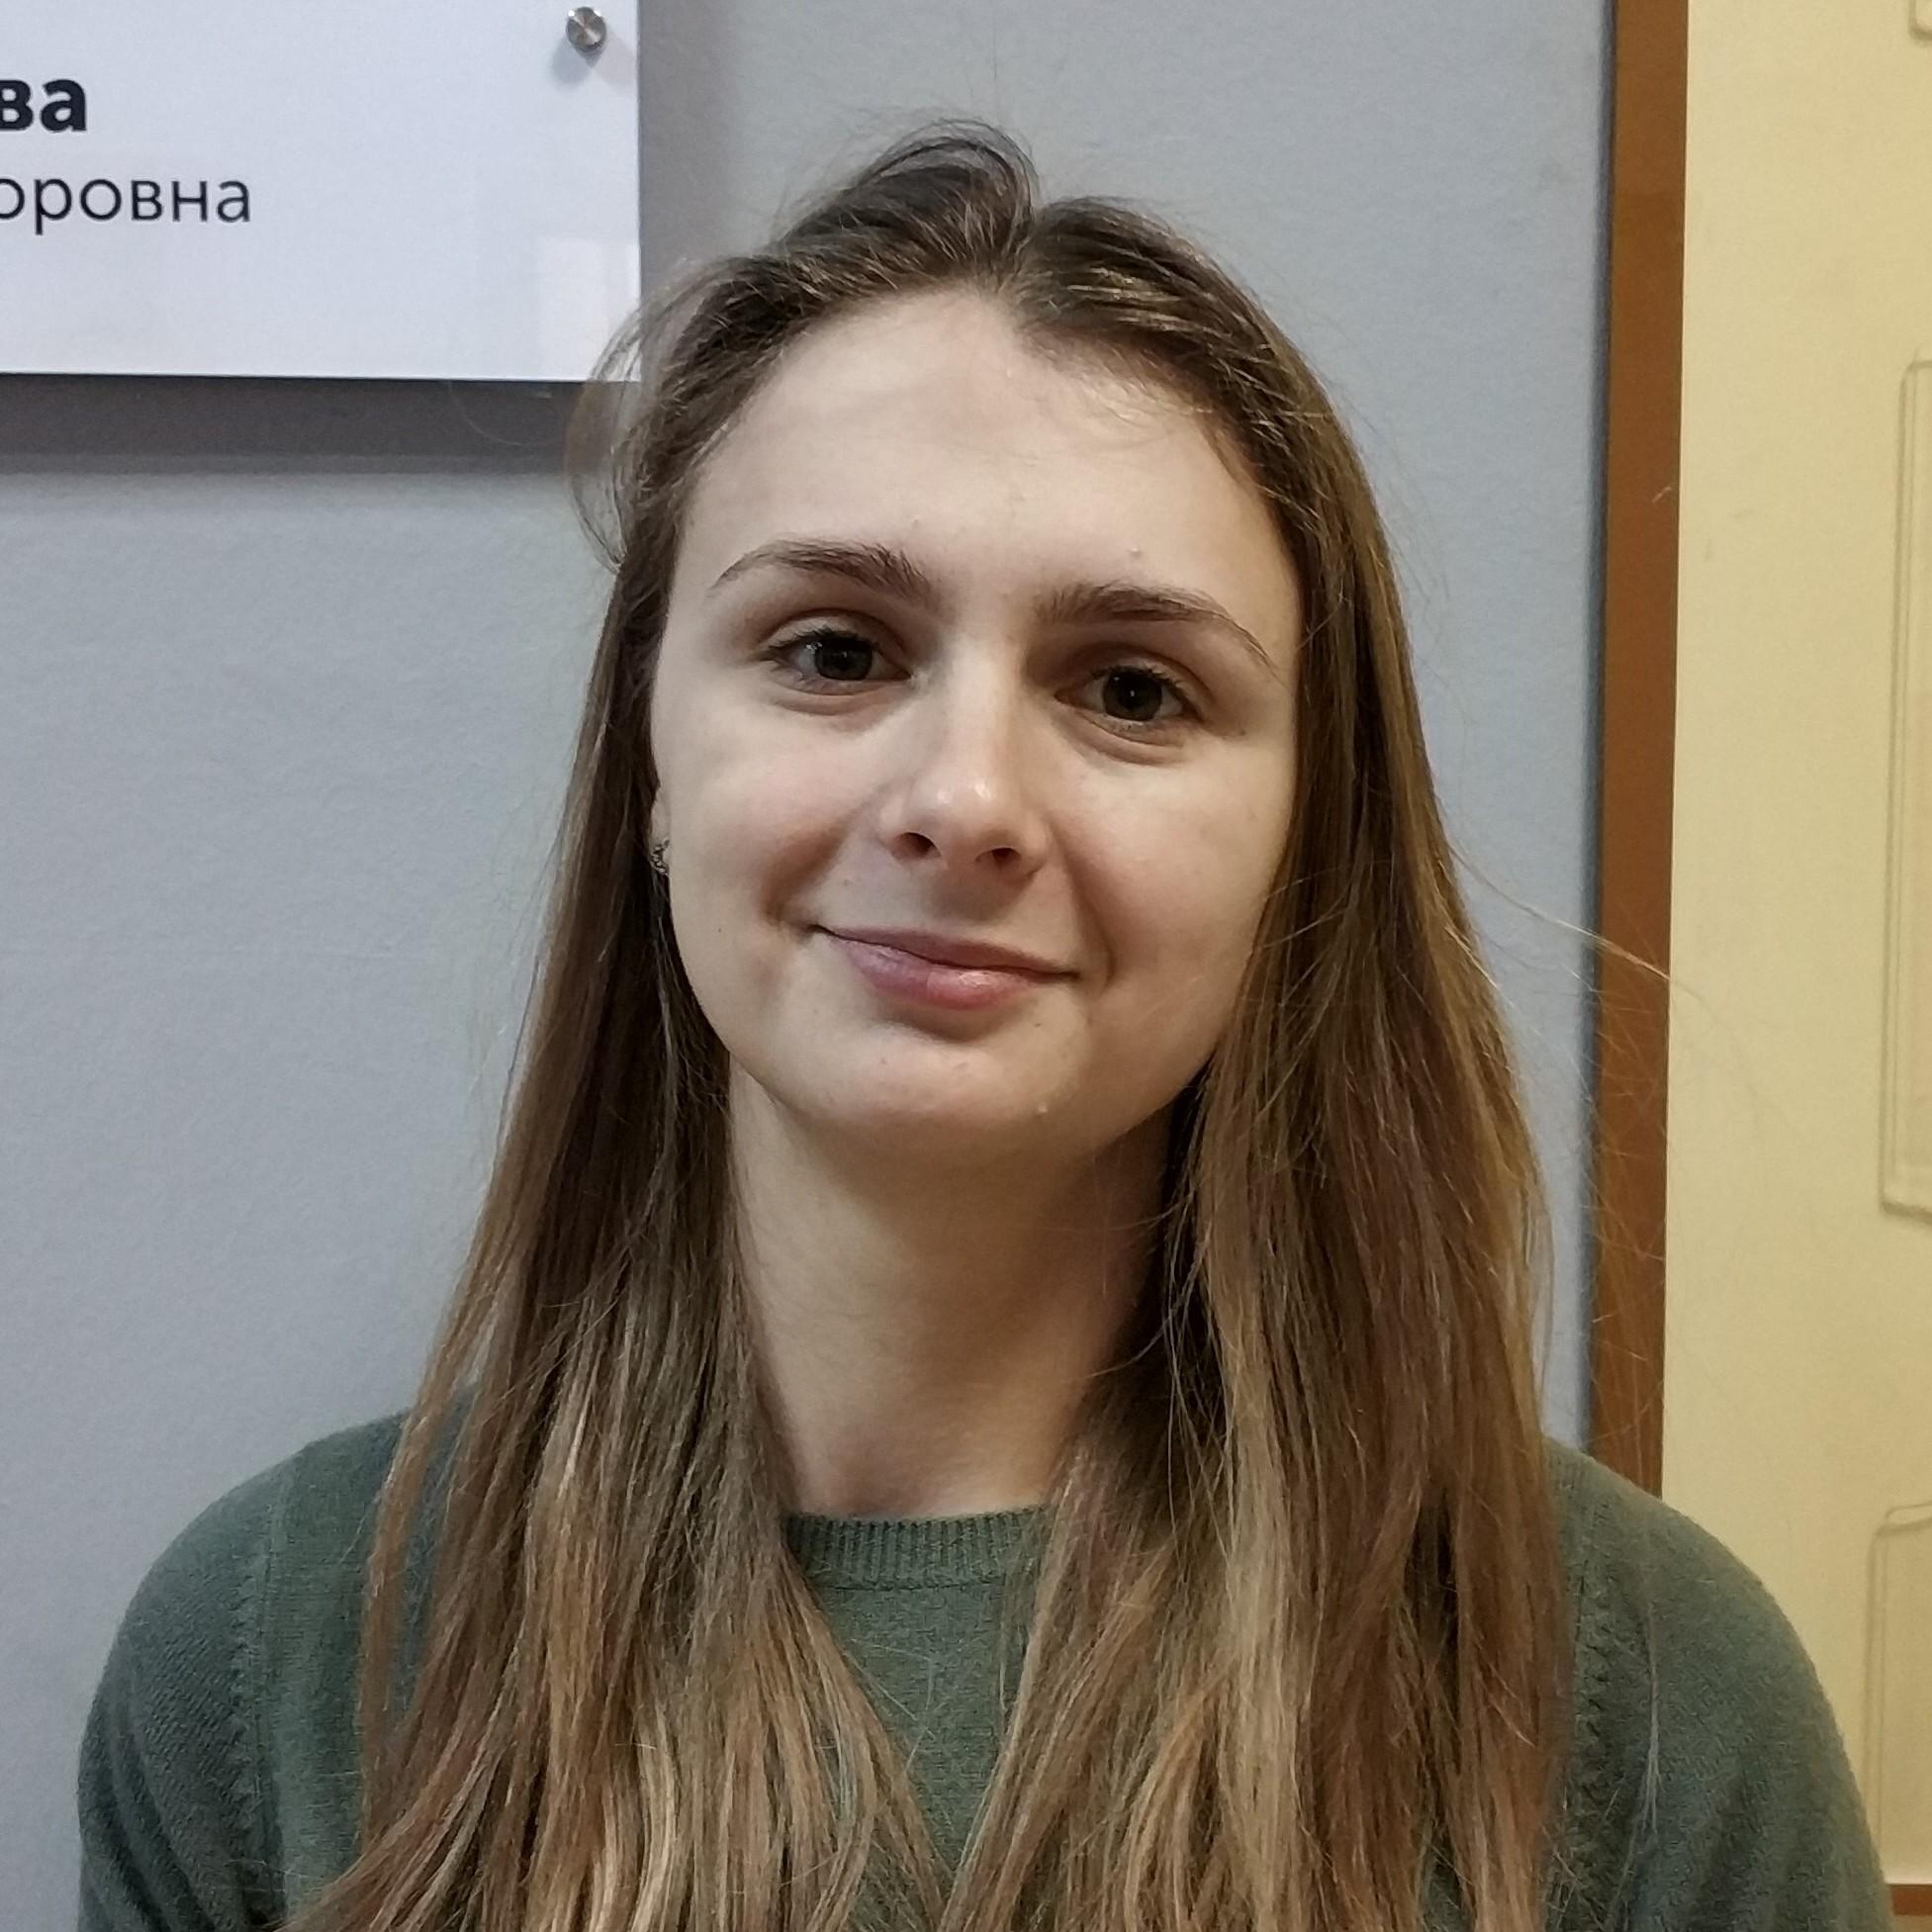 Трифонова Алена Олеговна